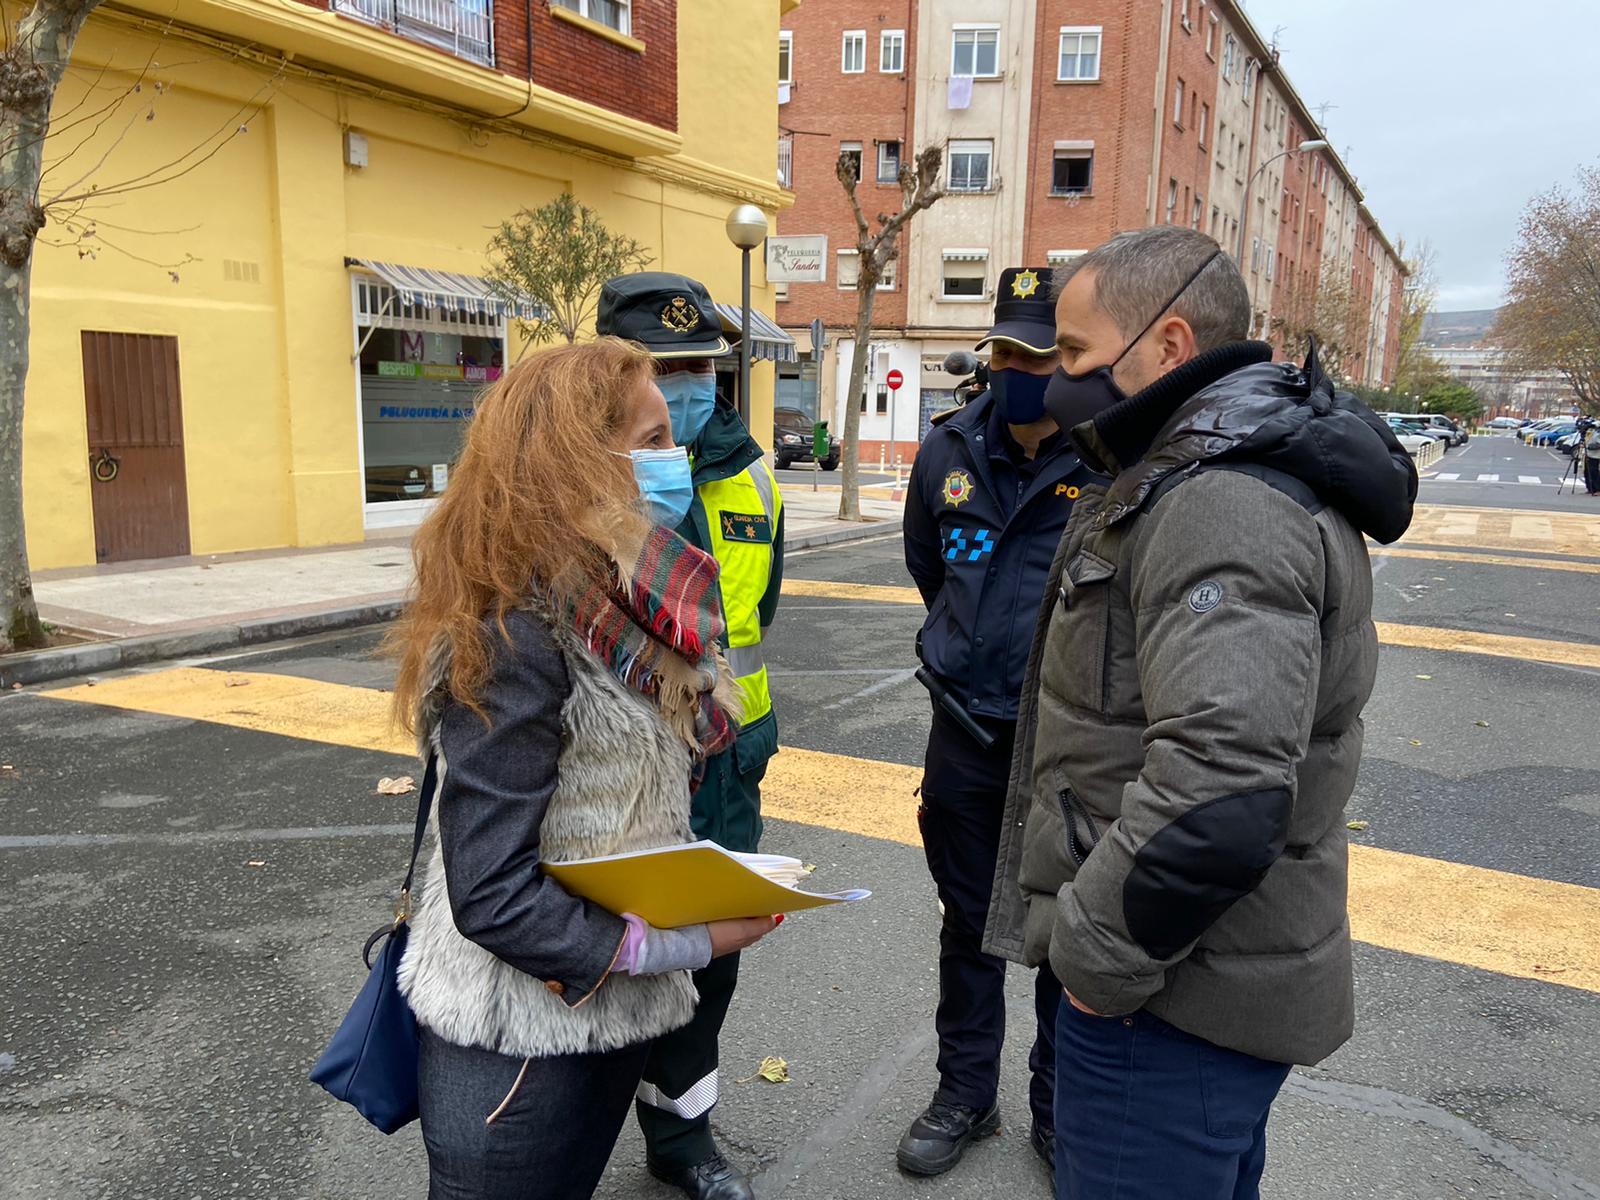 La DGT lanza una campaña para disminuir los atropellos en La Rioja: 52 hasta septiembre 2